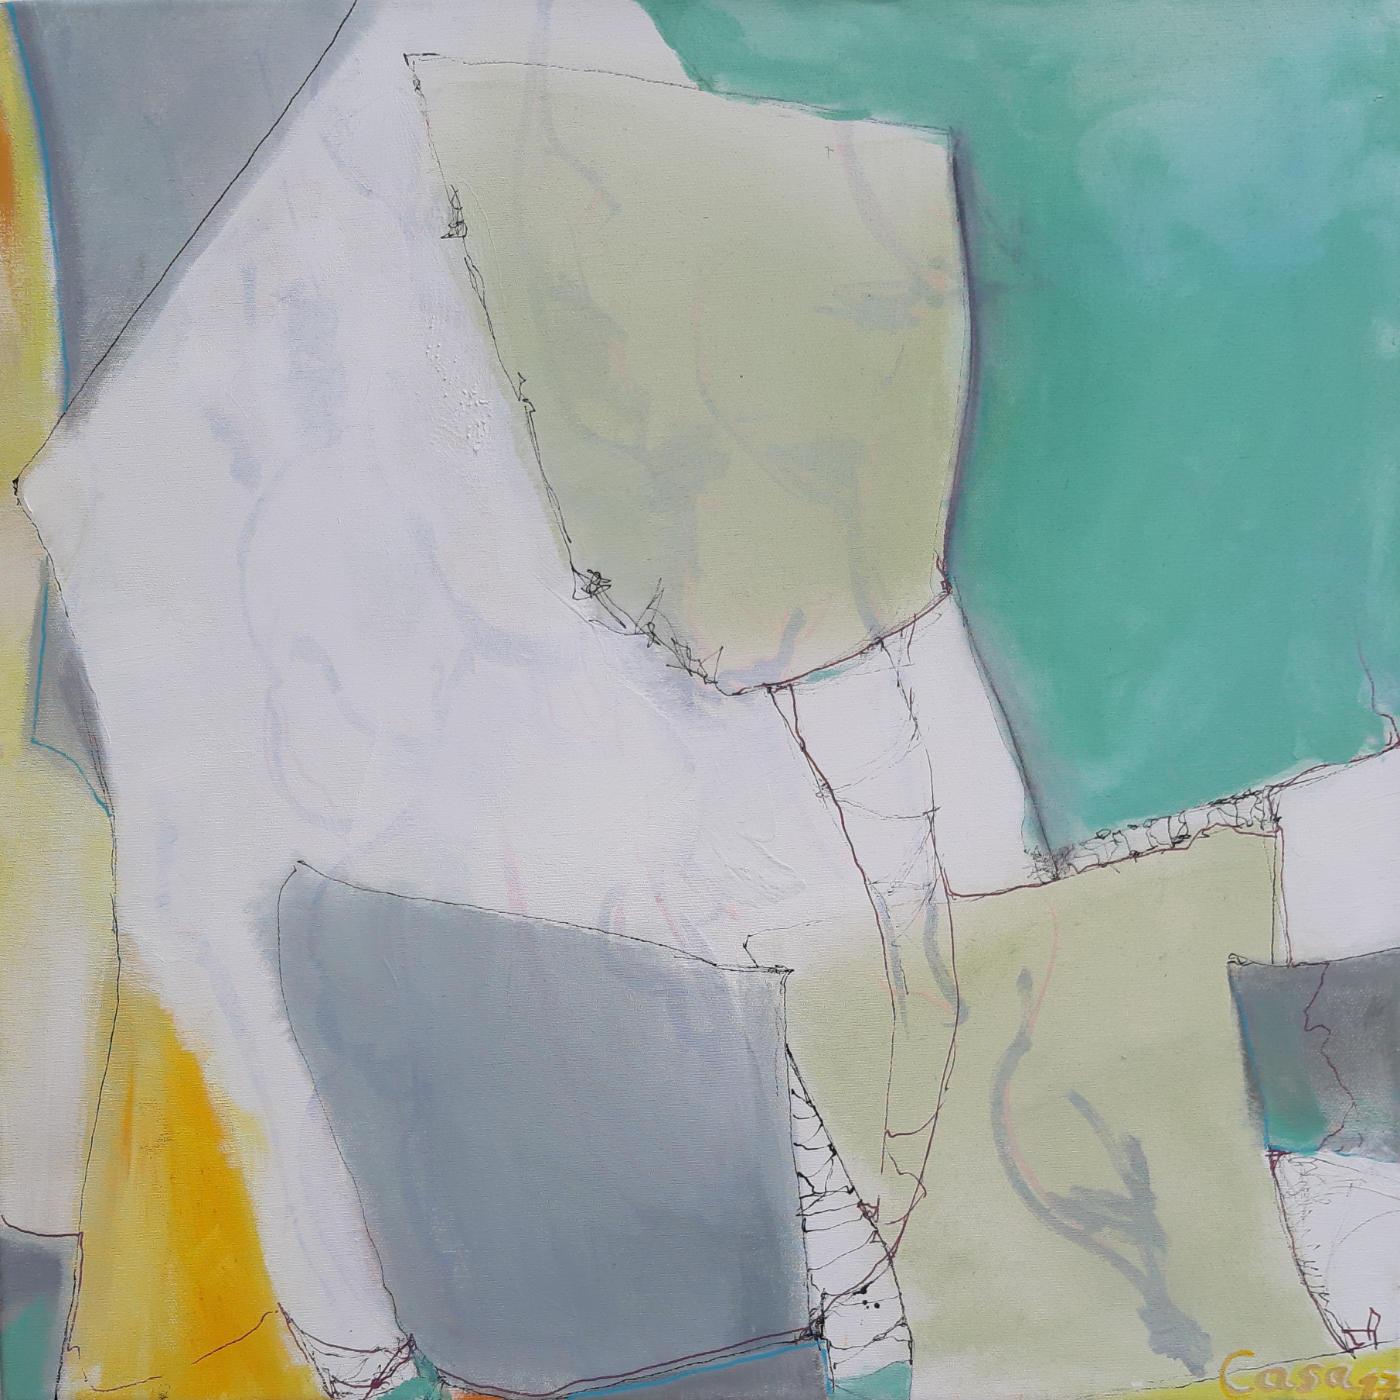 Coole Quader - Acryl und Tusche auf Leinwand, 60 x 60 cm